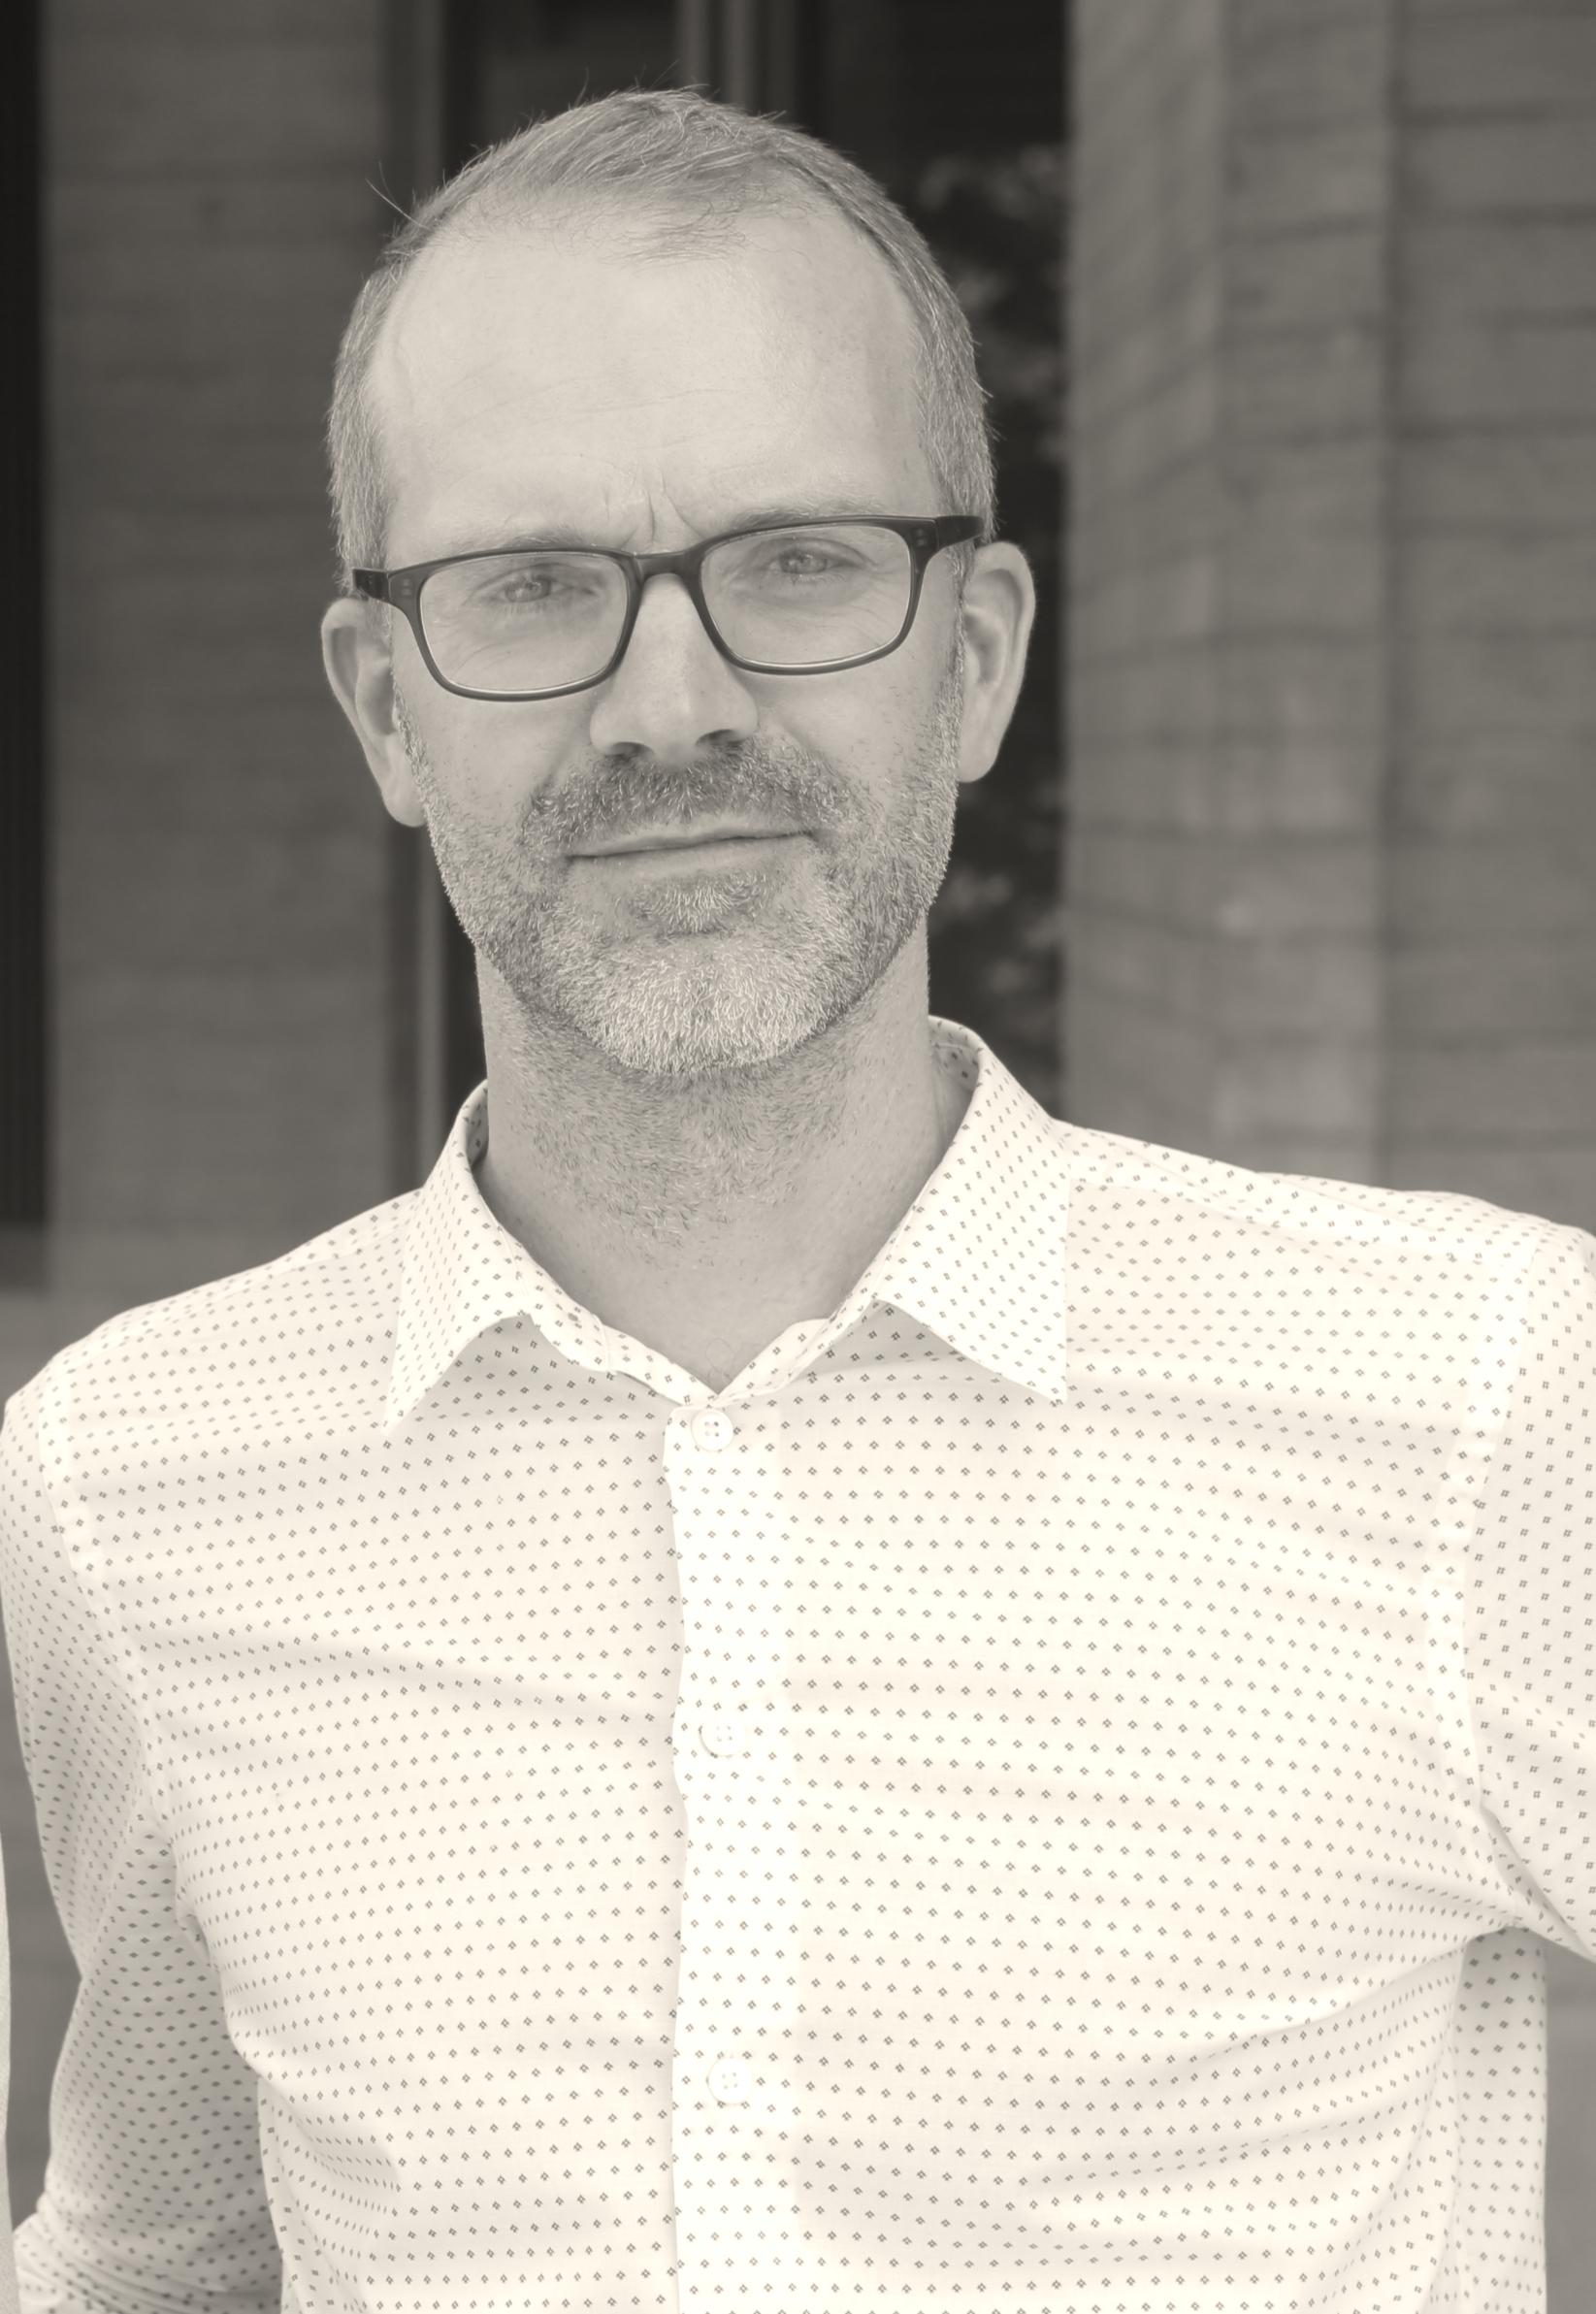 James Spackman